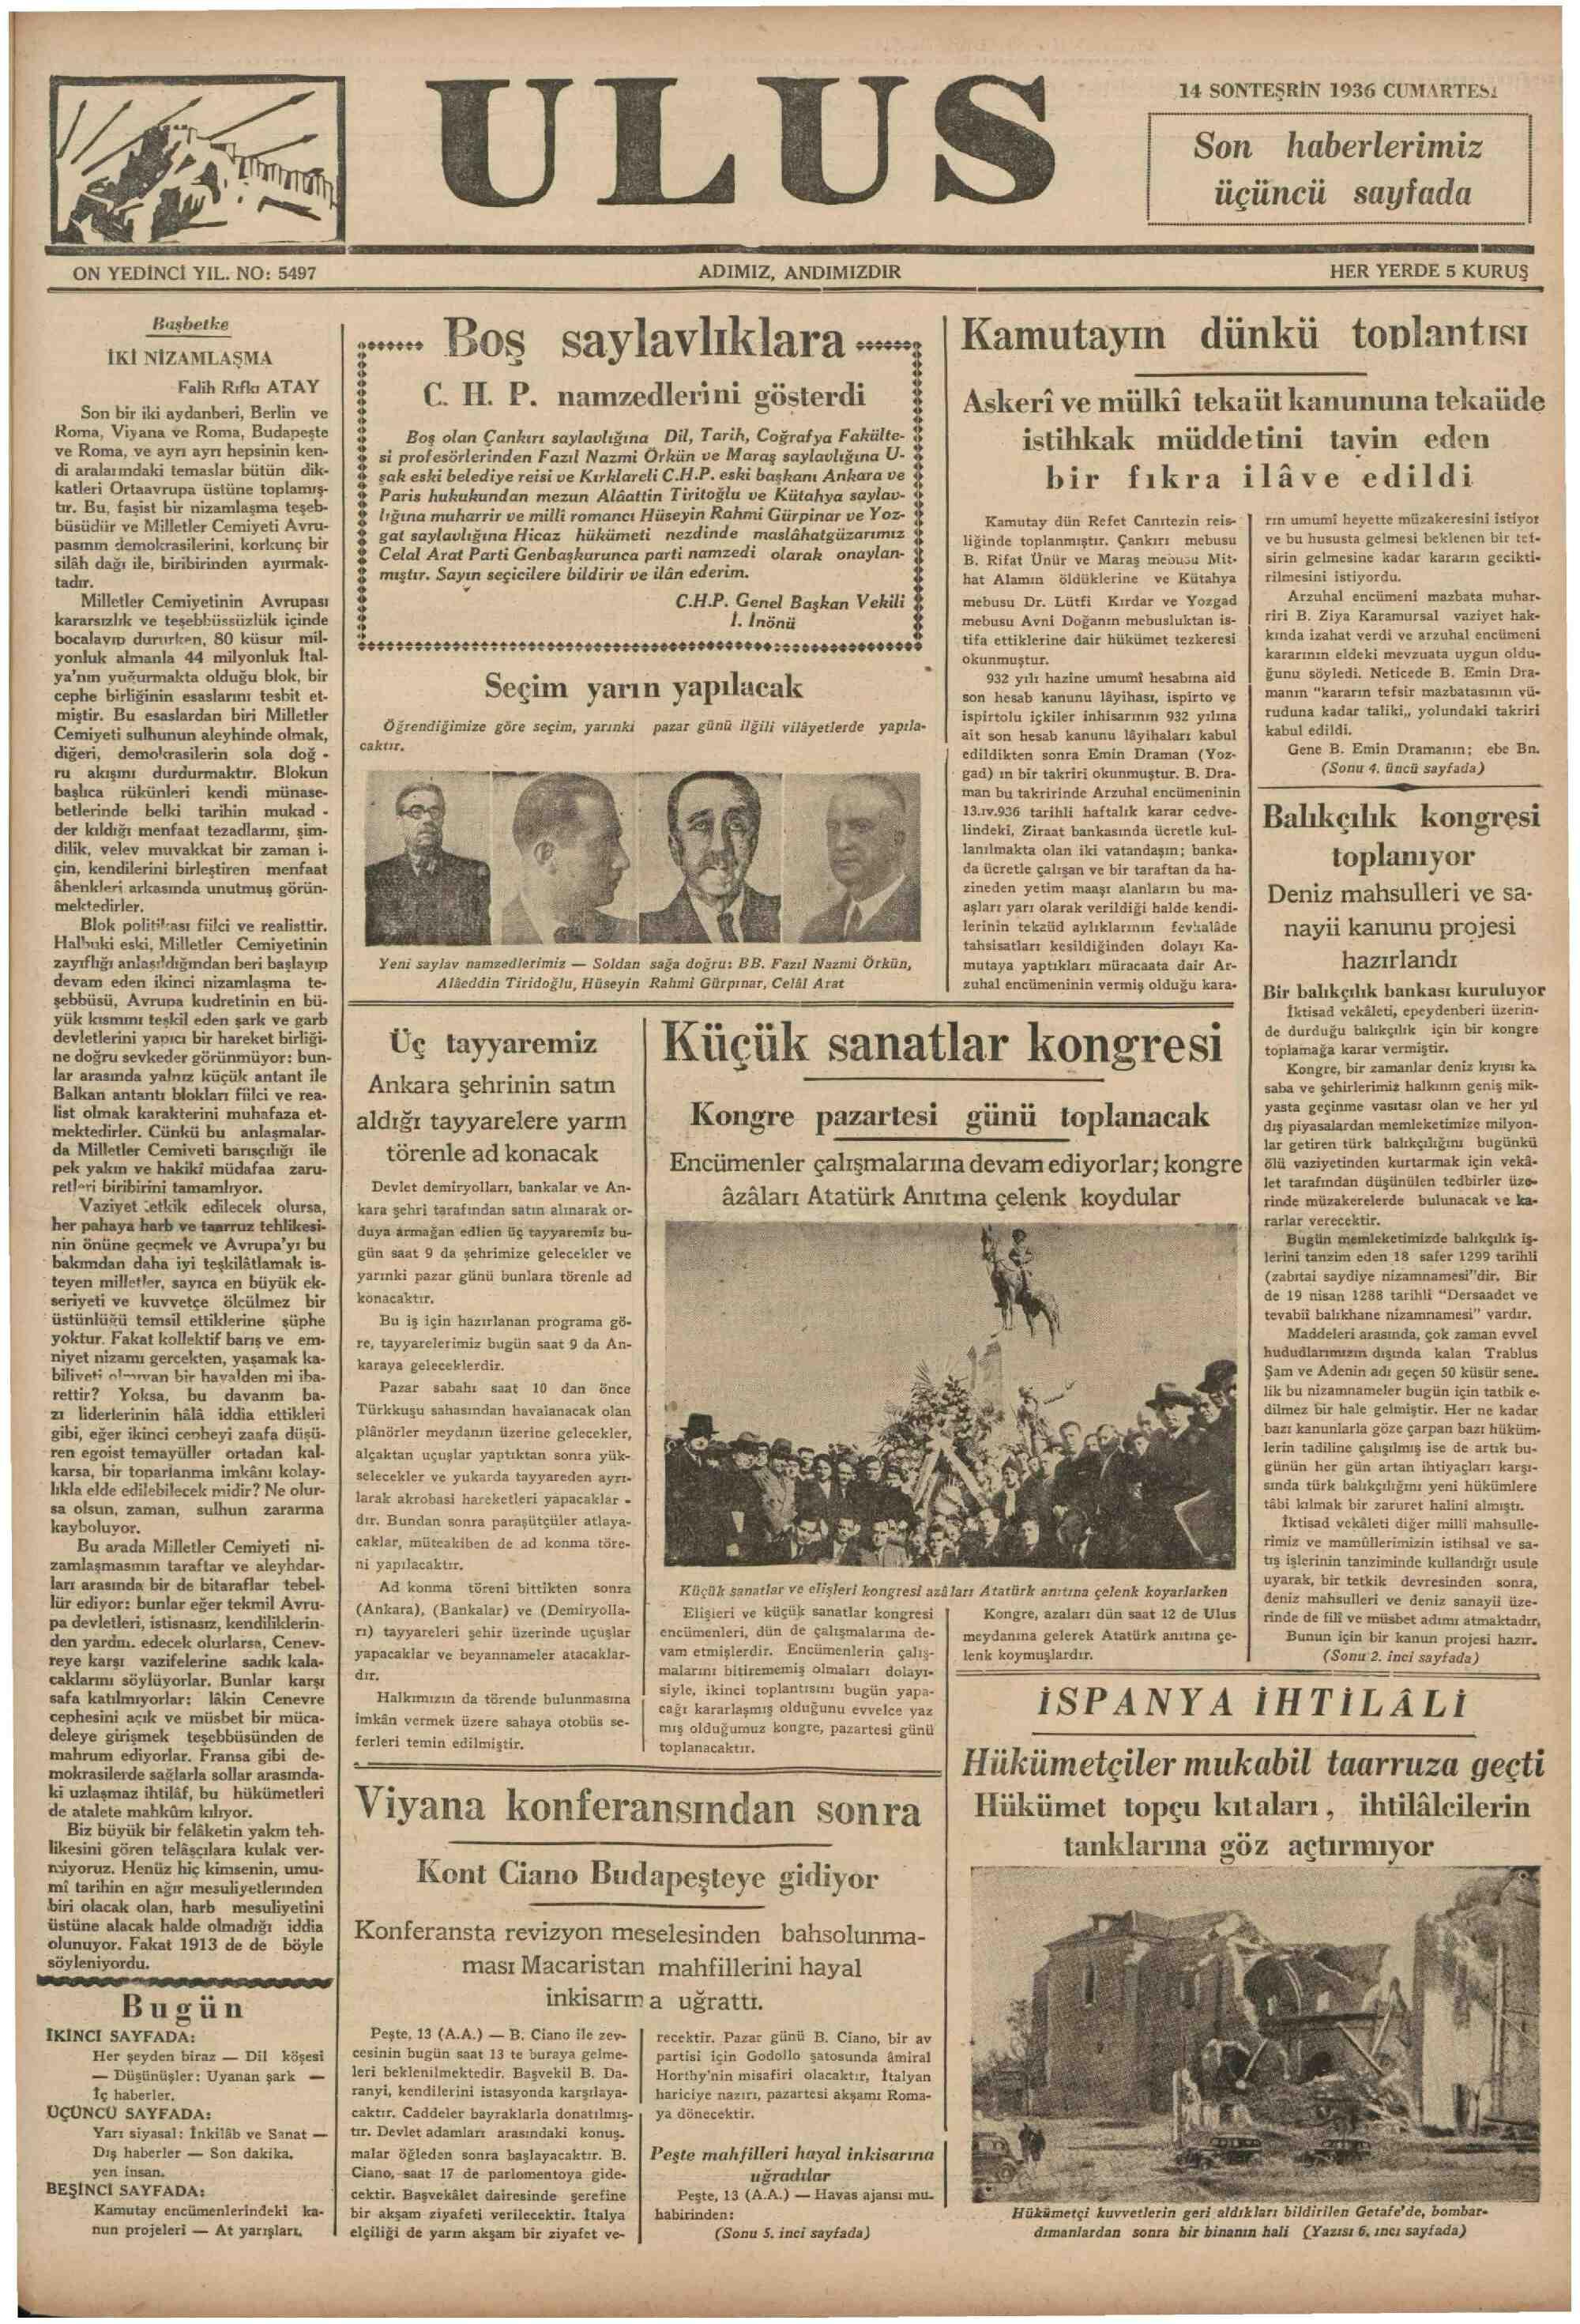 """Buaşbetka İKİ NİZAMLAŞMA Falih Rıfkı ATAY Son bir iki aydanberi, Berlin ve Roma, Viyana ve Roma, Budapeşte ve Roma, ve ayrı ayrı hepsinin ken- di aralarındaki temaslar bütün dik- katleri Ortaavrupa üstüne toplamış- tır. Bu, faşist bir nizamlaşma teşeb- büsüdür ve Milletler Cemiyeti Avru- pasmın demokrasilerini, korkunç bir silâh dağı ile, biribirinden ayırmak- tadır. ğ Millîl.ler Cemiyetinin Avrupası C. H P. namzedlerini gösterdi Boş olan Çankırı saylavlığına Dil, Tarih, Coğrafya Fakülte- si profesörlerinden Fazıl Nazmi Örkün ve Maraş saylavlığına U- şak eski belediye reisi ve Kırklareli C.H.P. eski başkanı Ankara ve Paris hukukundan mezun Alâattin Tiritoğlu ve Kütahya saylav- lığına muharrir ve milli romancı Hüseyin Rahmi Gürpinar ve Yoz- gat saylavlığına Hicaz hükümeti nezdinde maslâhatgüzarımız Celal Arat Parti Genbaşkurunca parti namzedi olarak onaylan- mıştır. Sayın seçicilere bildirir ve ilân ederim. C.H.P. Ff""""f' Başkan Vekili Askeri ve mülki tekaüt kanununa tekaüde istihkak müddetini tavin eden bir fıkra ilâve edildi Kamutay dün Refet Canrtezin reis-   Tın umumi heyette müzakeresini istiyor liğinde toplanmıştır. Çankırı mebusu ve bu hususta gelmesi beklenen bir tefe B, Rifat Ünür ve Maraş mebusu Mit sirin gelmesine kadar kararın geciktie hat Alamın öldüklerine ve Kütahya   rilmesini istiyordu. mebusu Dr. Lütfi Kırdar ve Yozgad Arzuhal encümeni mazbata muhar- üü © HS ie' Üöm ei CA 66000900DORTAAAACAACAAODAOOADEA ».. Boş saylavlıklara ......i Kamutayın ğünkü toplantısı î"""